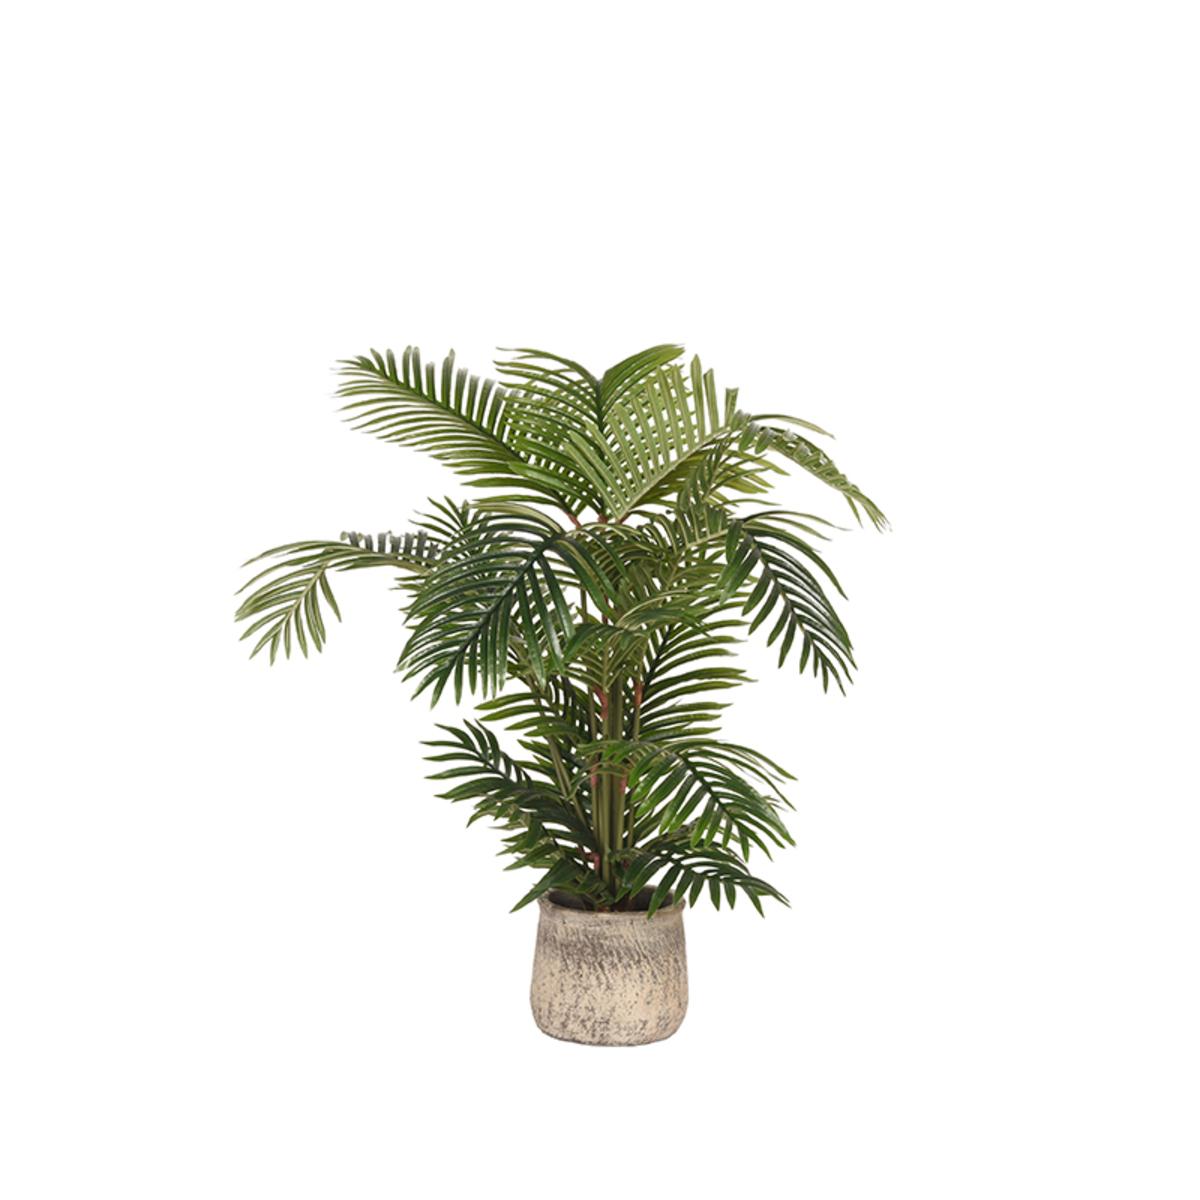 Artificial Plants Areca Palm - Groen - Kunststof - 110